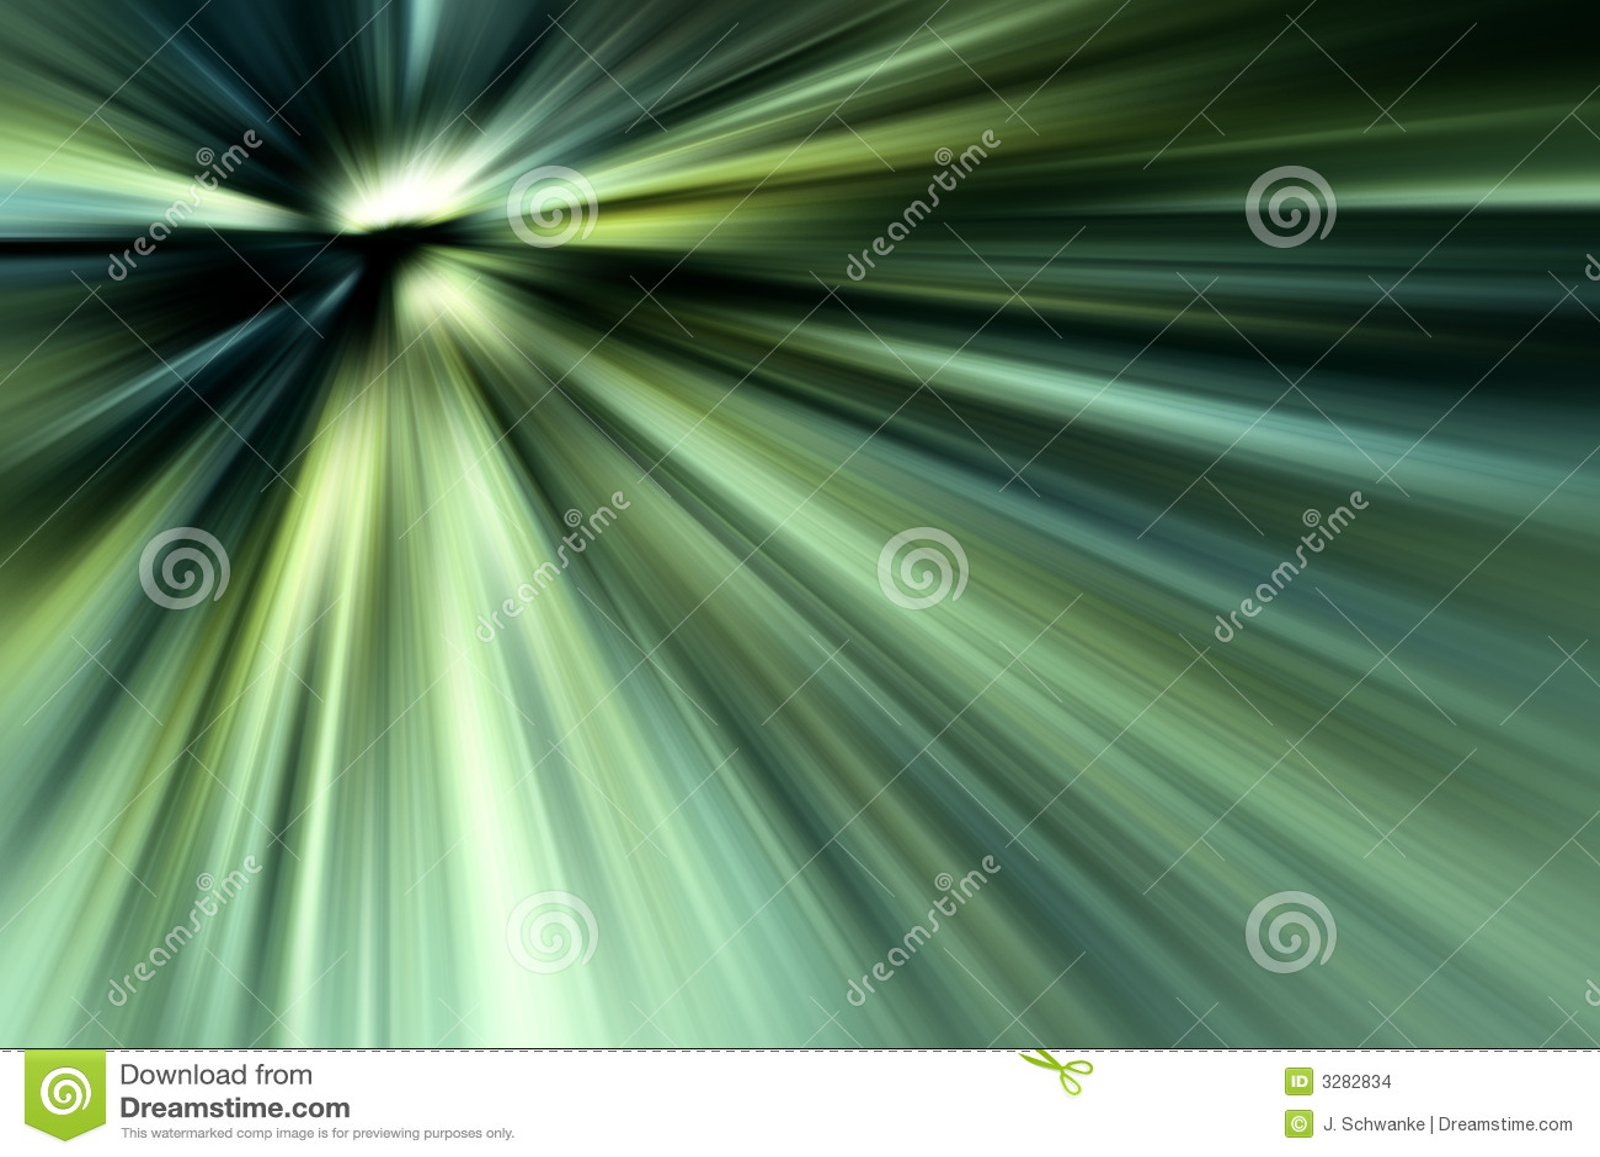 Rayos abstractos del fondo